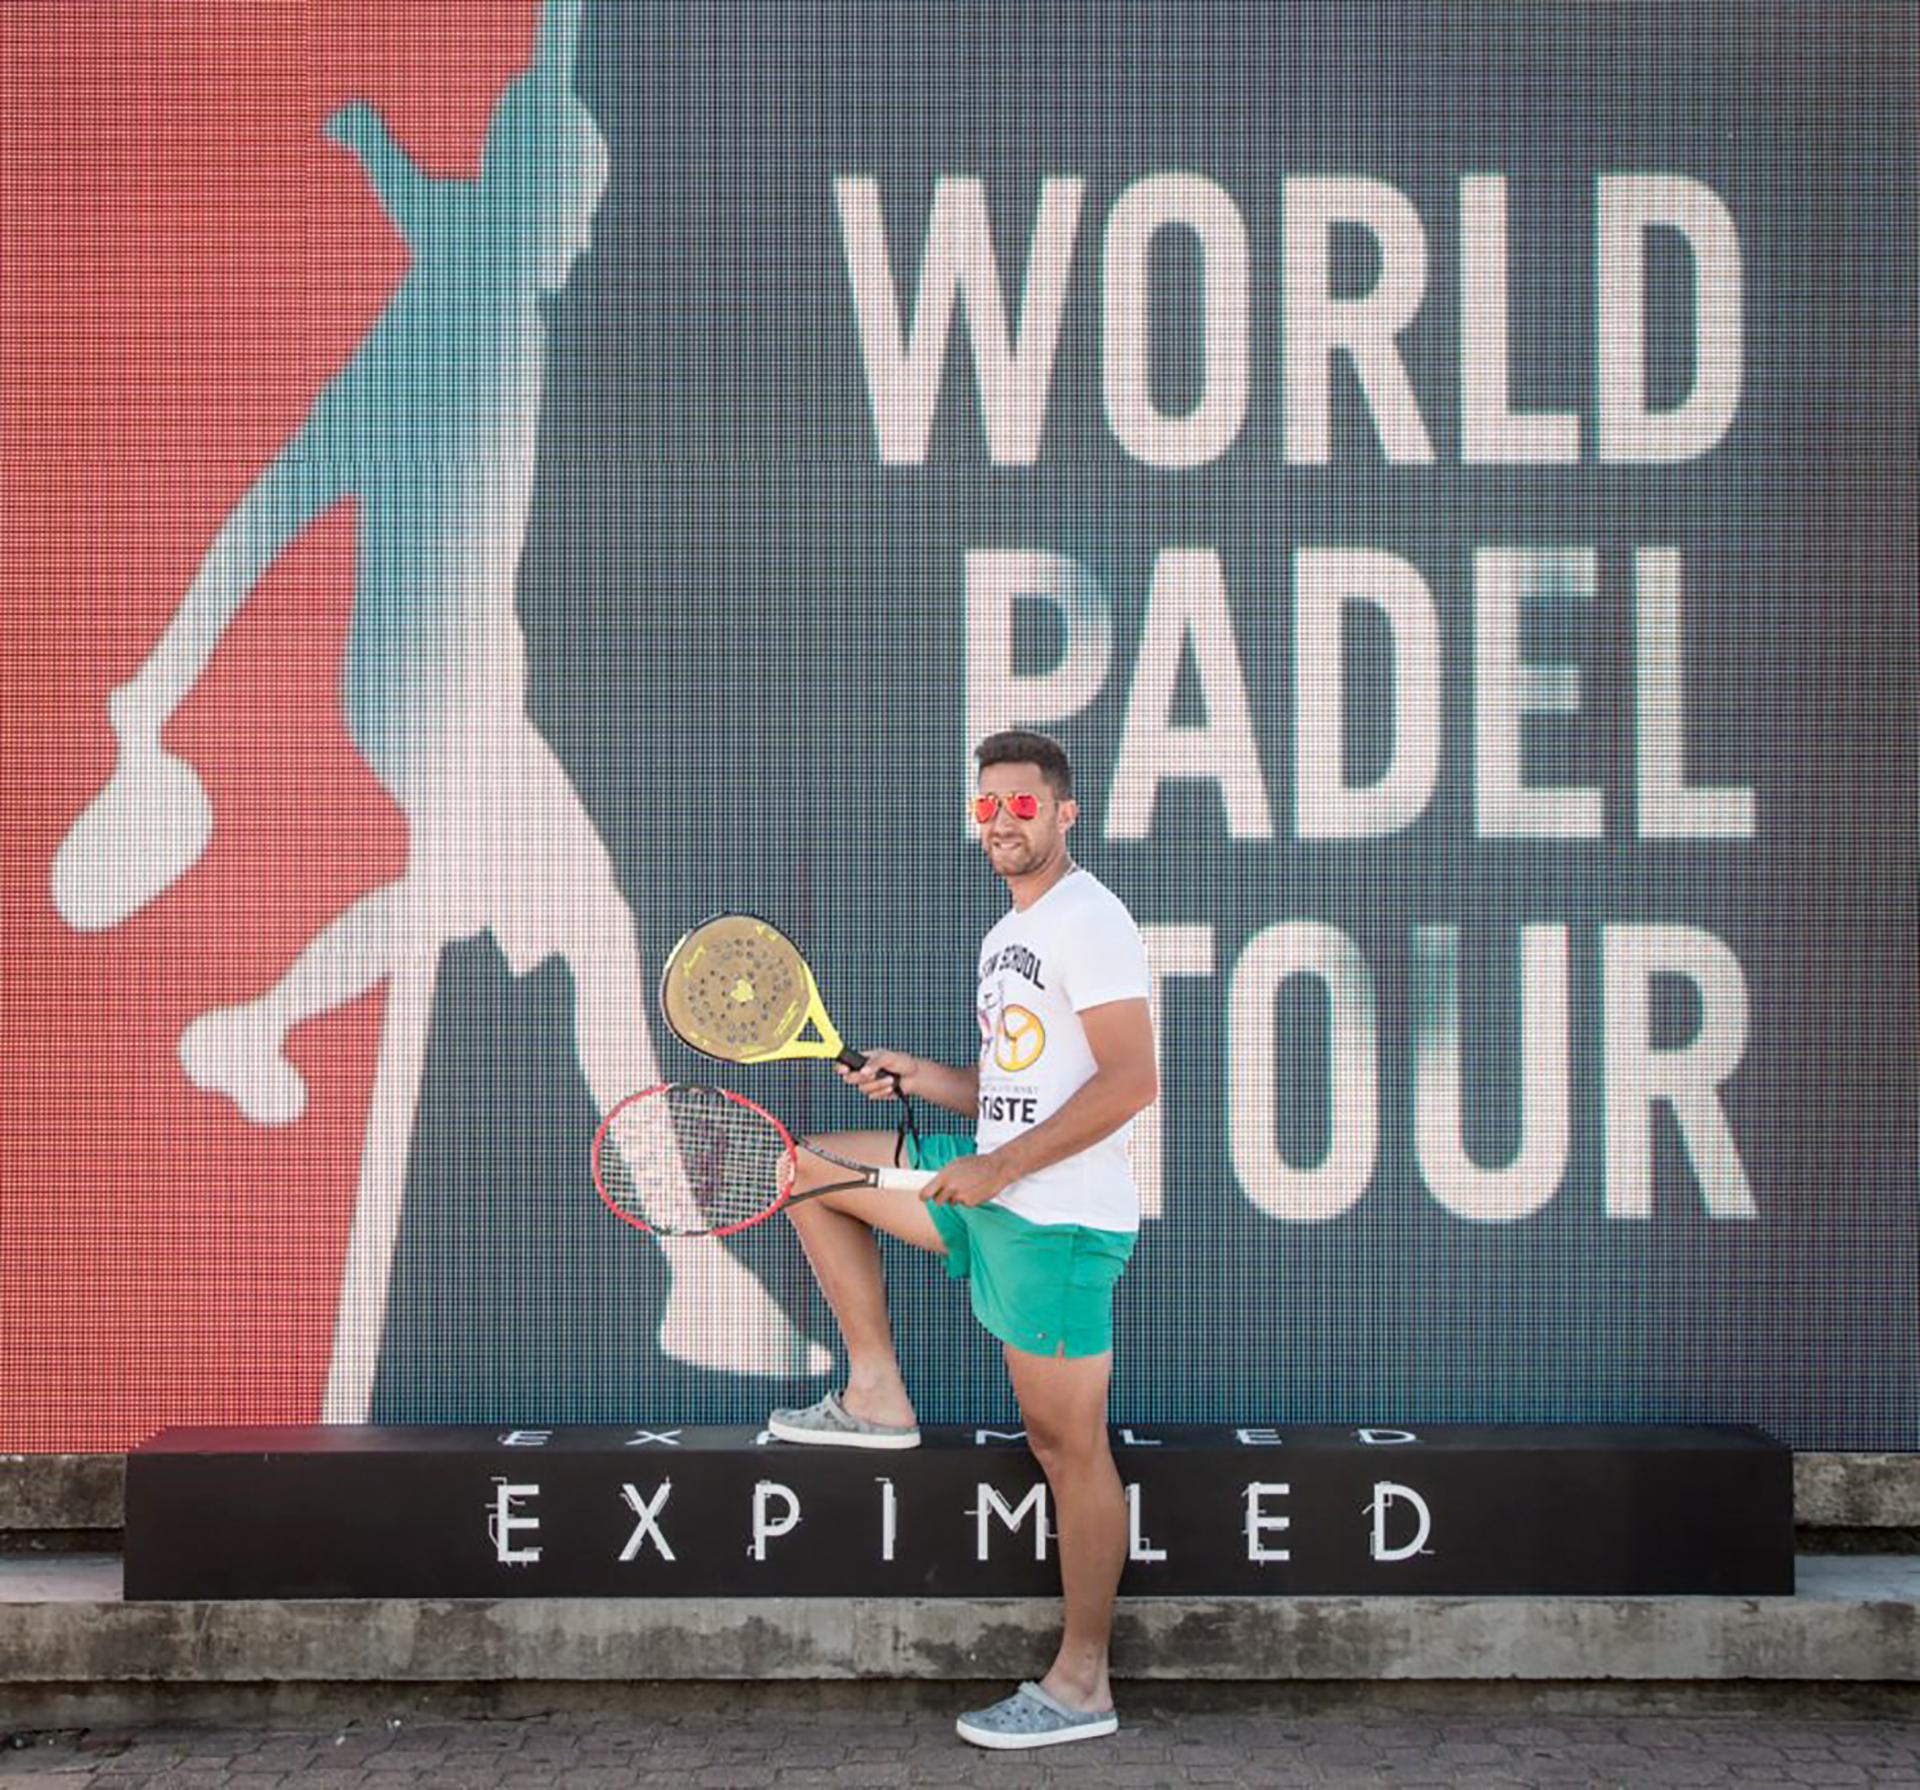 El tenista Facundo Argüello posa con la paleta y la raqueta